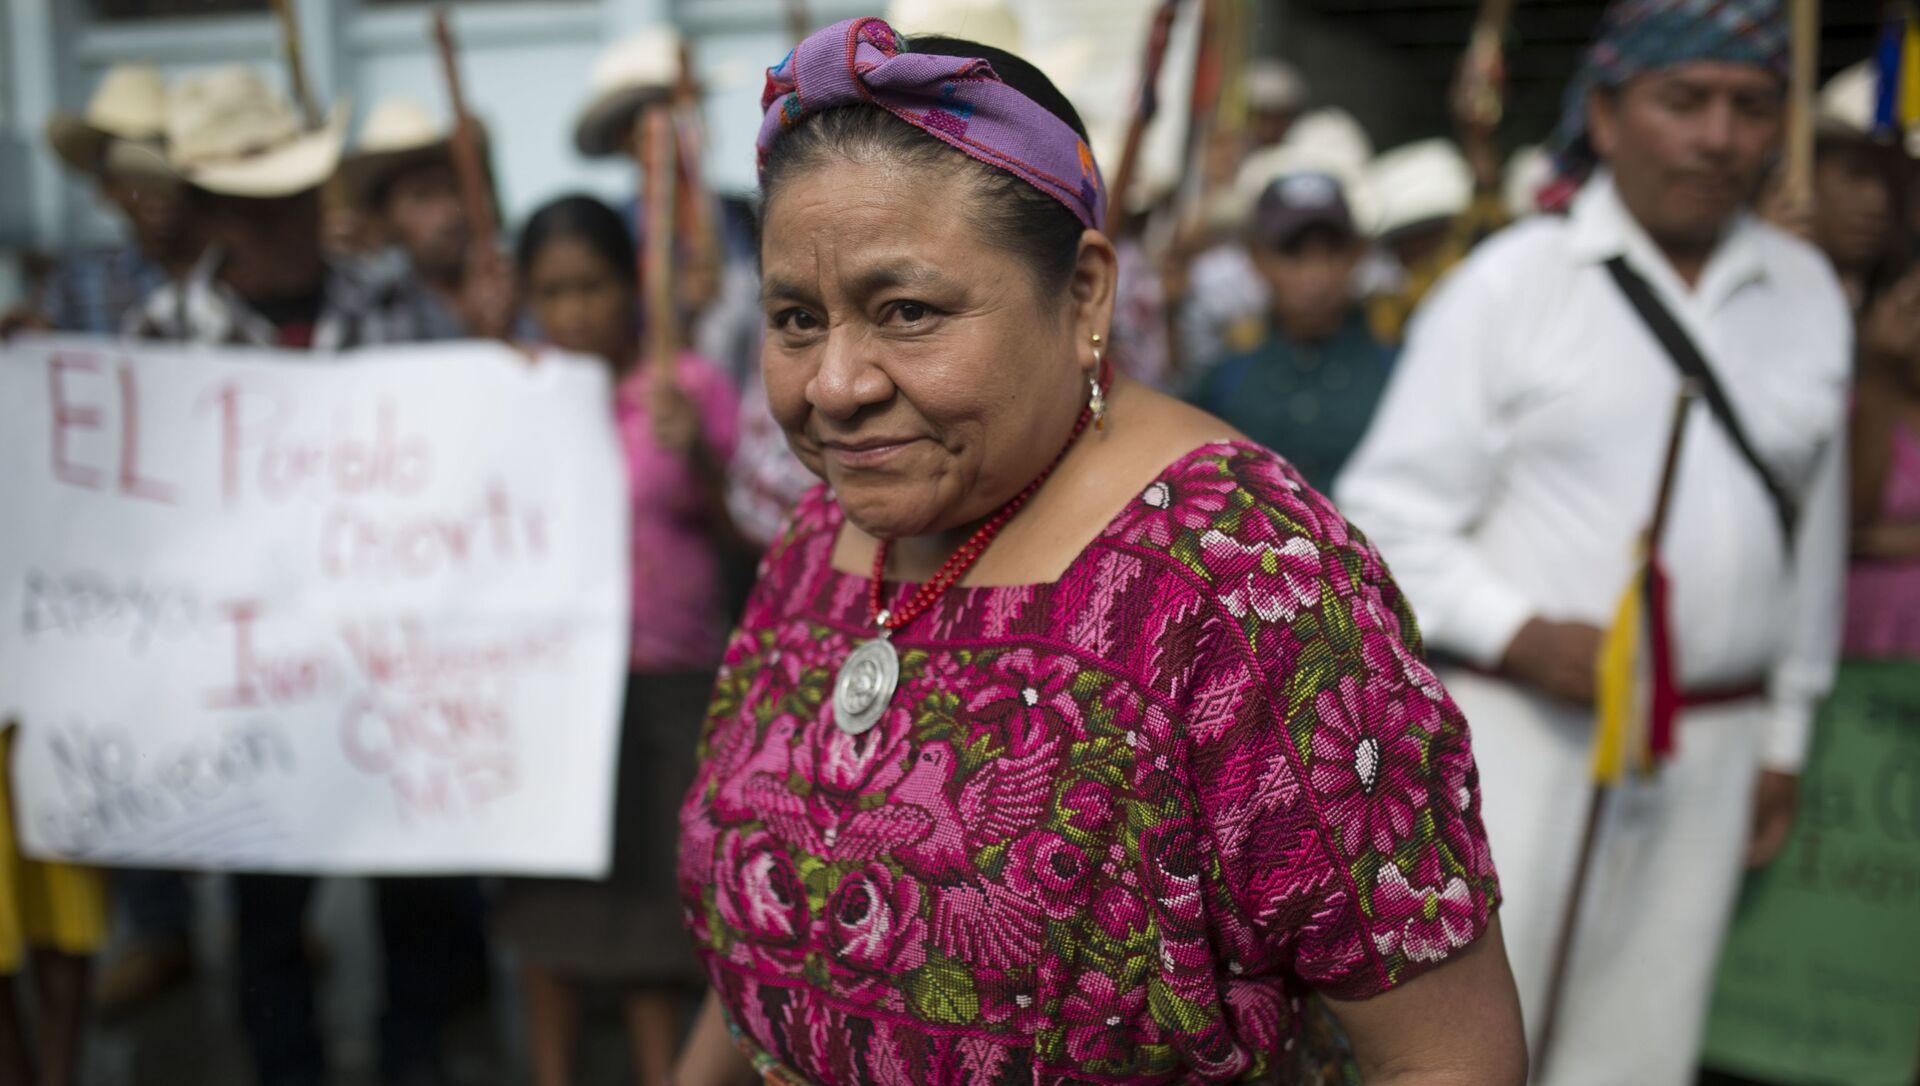 Rigoberta Menchú, la premio Nobel de la Paz guatemalteca  - Sputnik Mundo, 1920, 31.01.2020